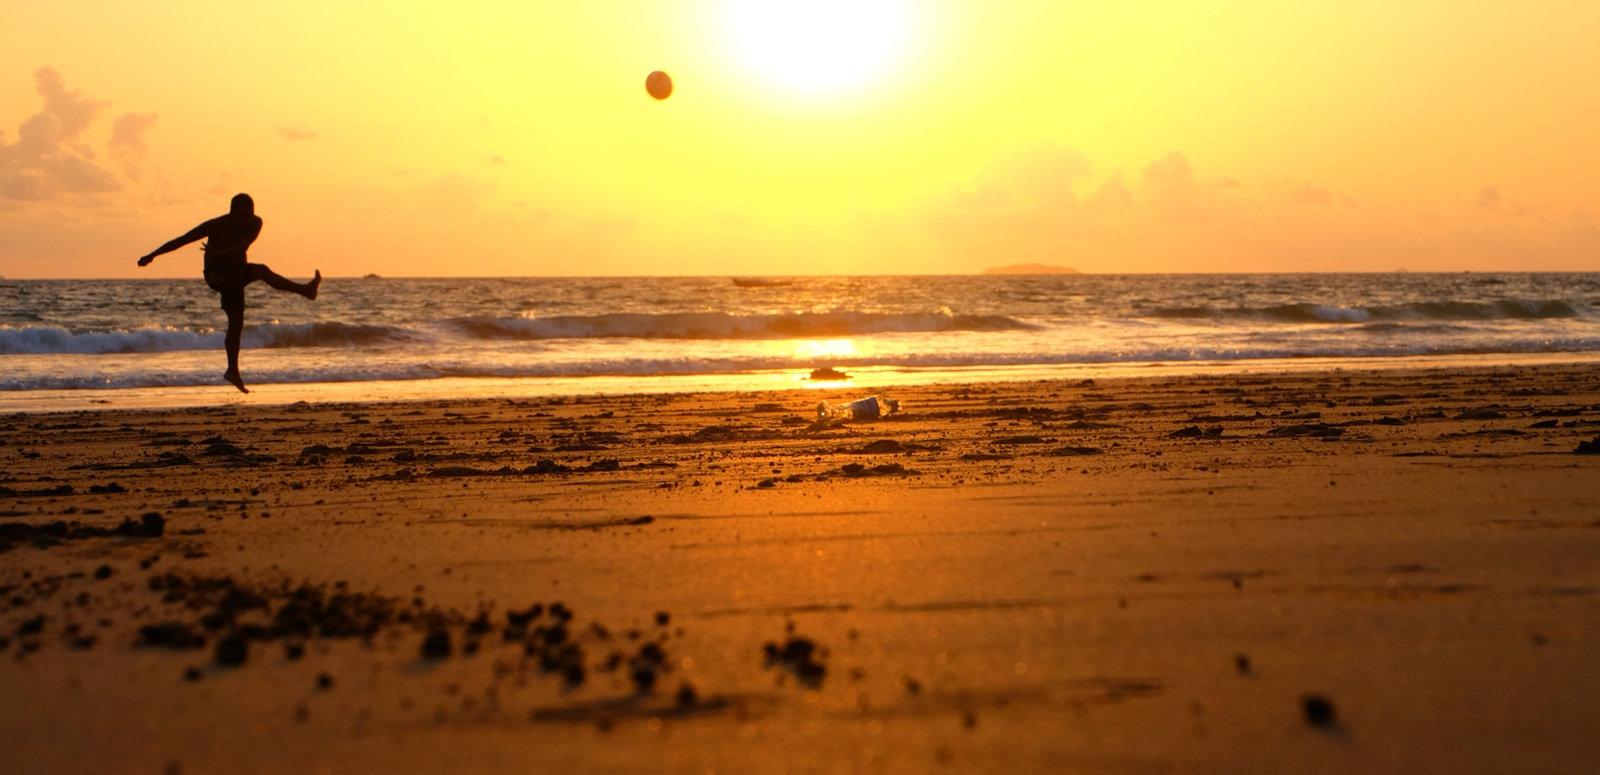 sol_e_pelota